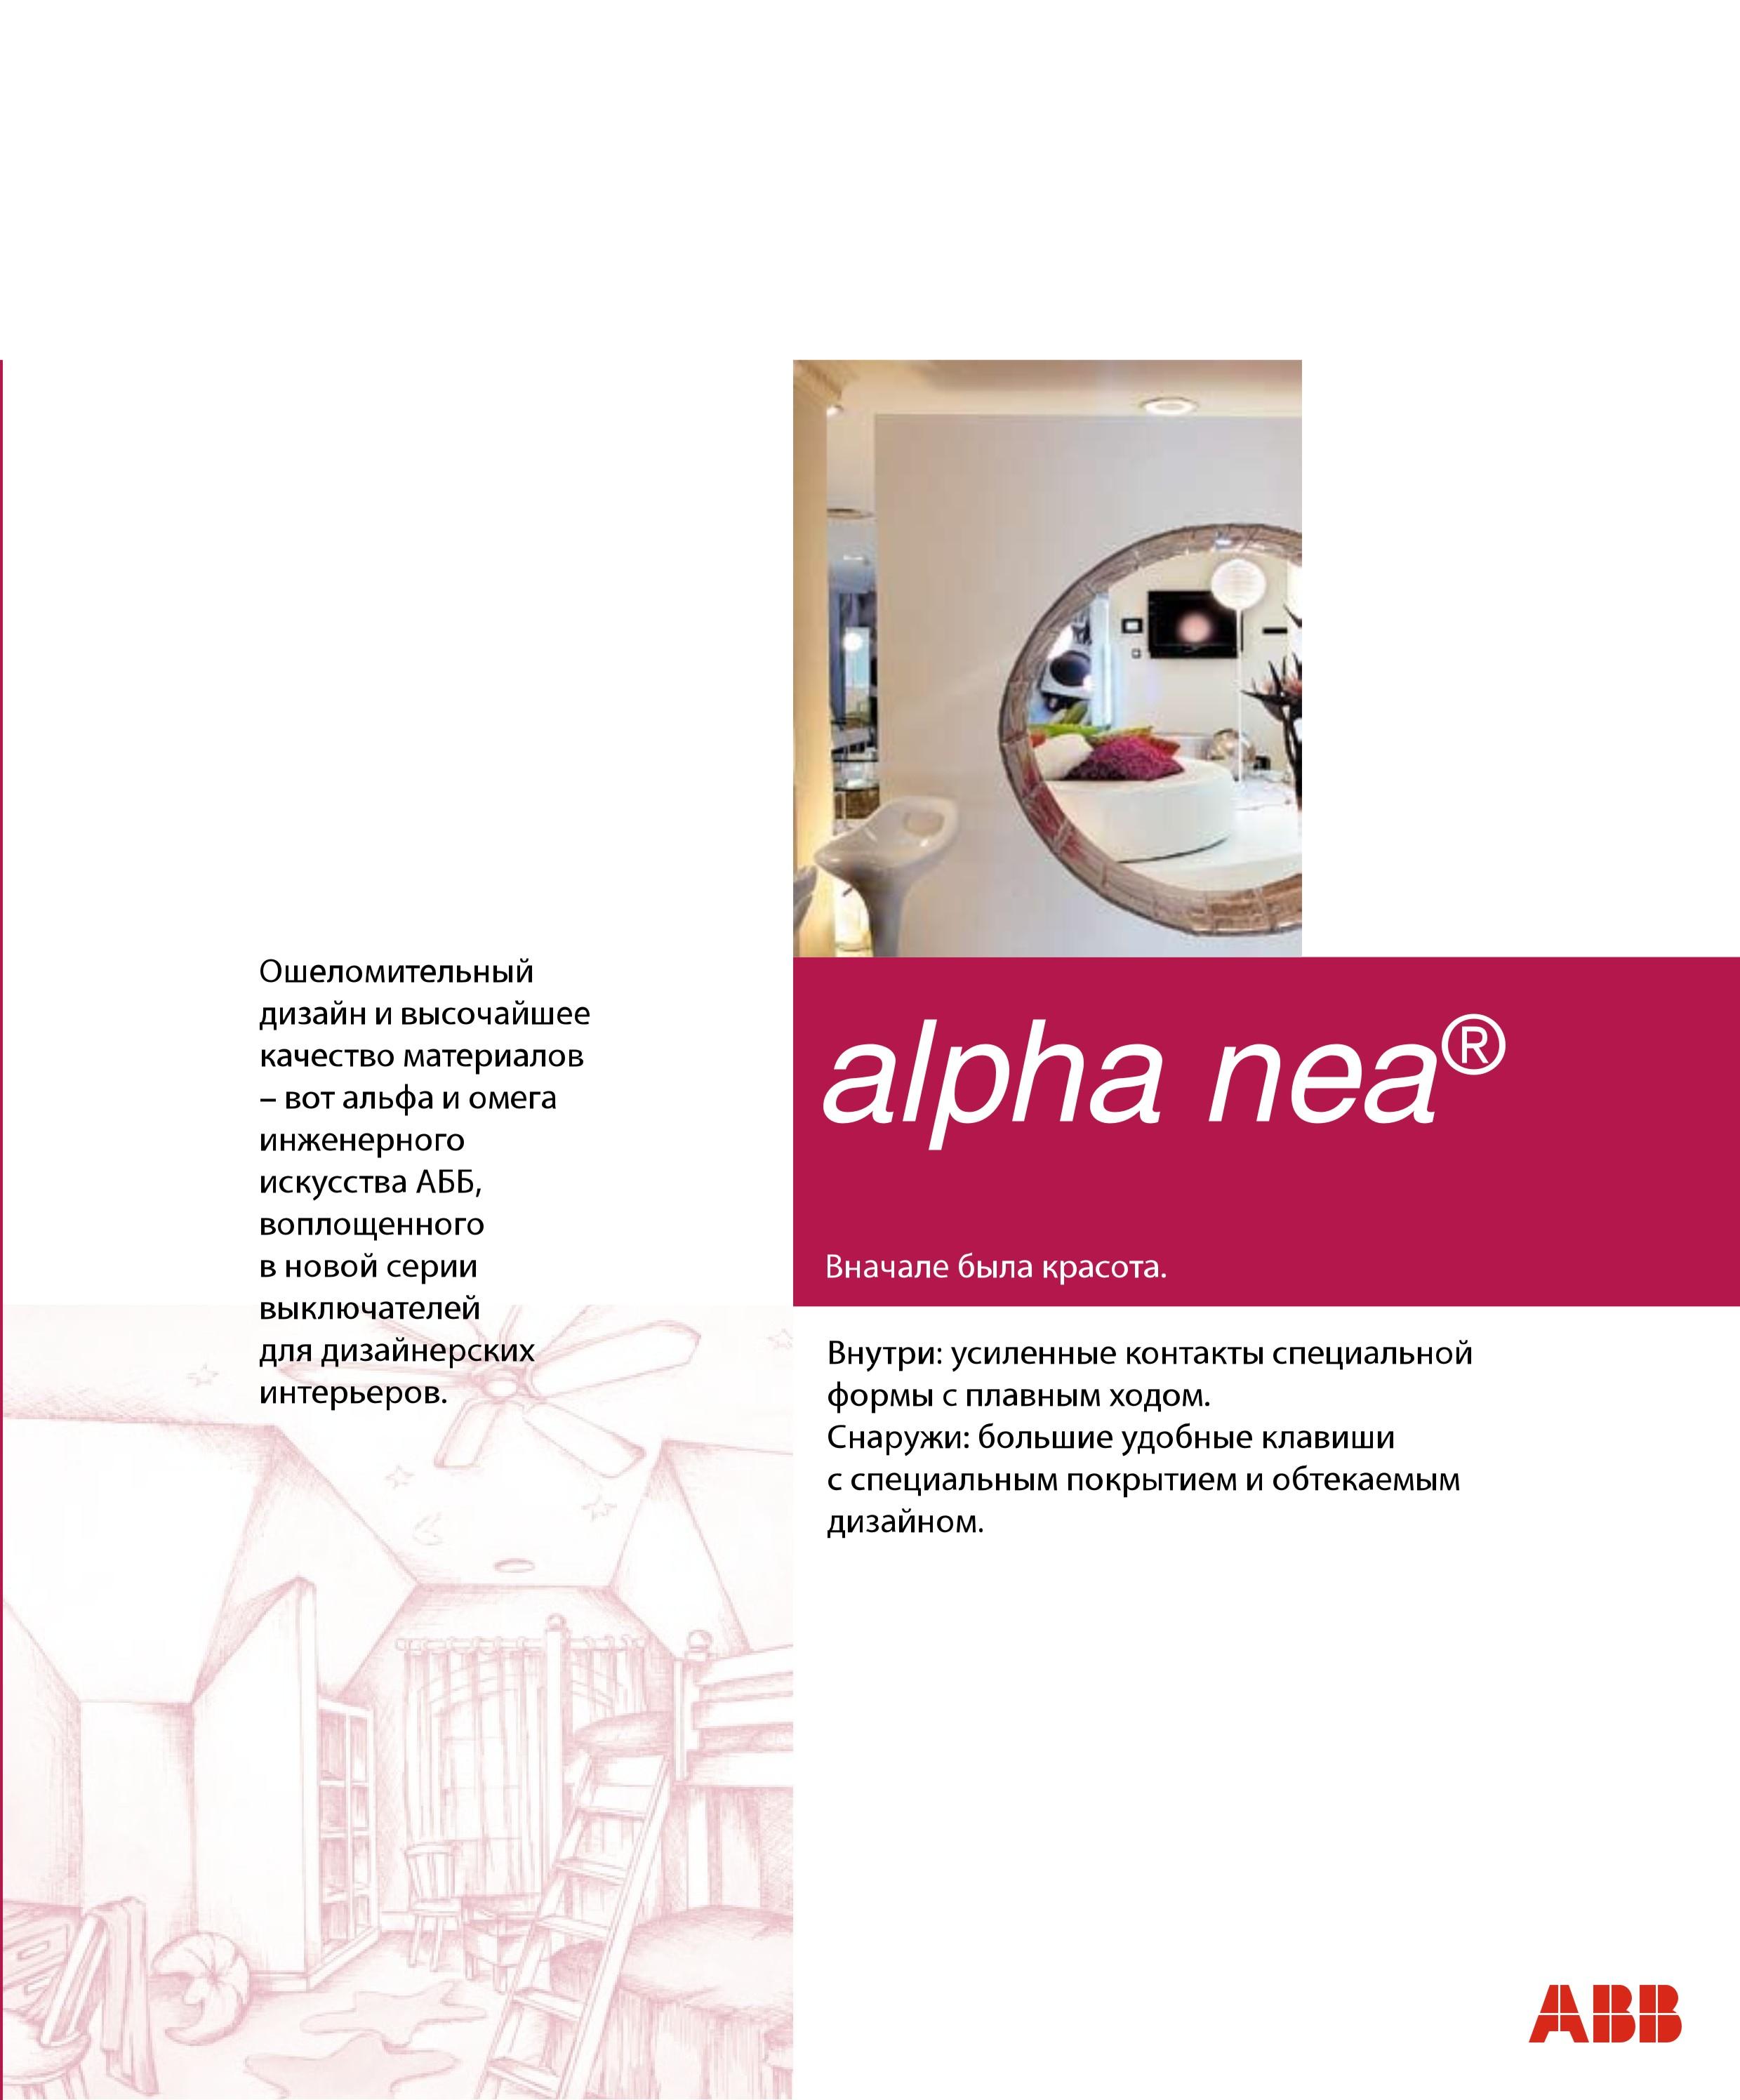 Alpha nea